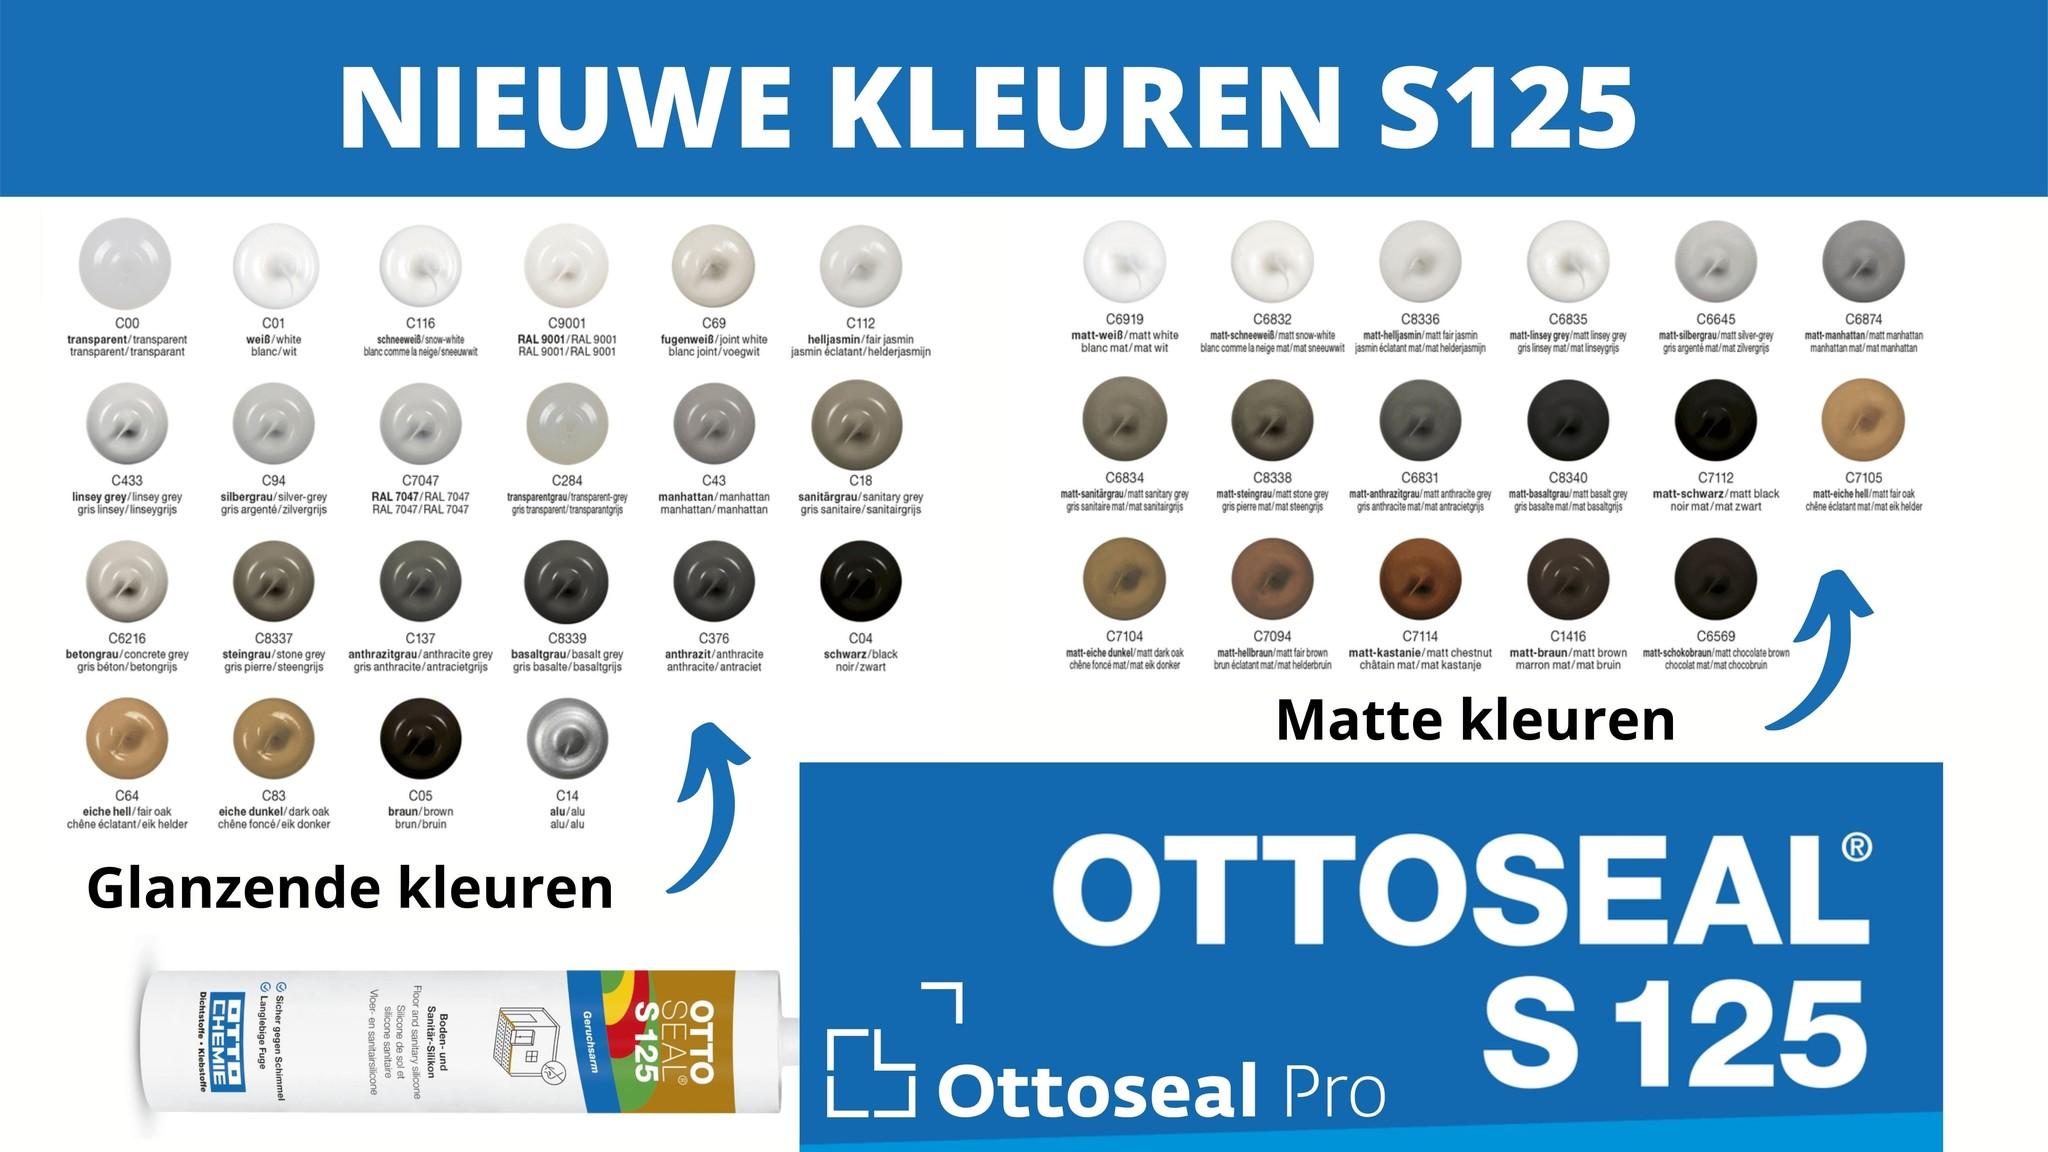 Nieuwe kleuren toegevoegd bij de Ottoseal S125